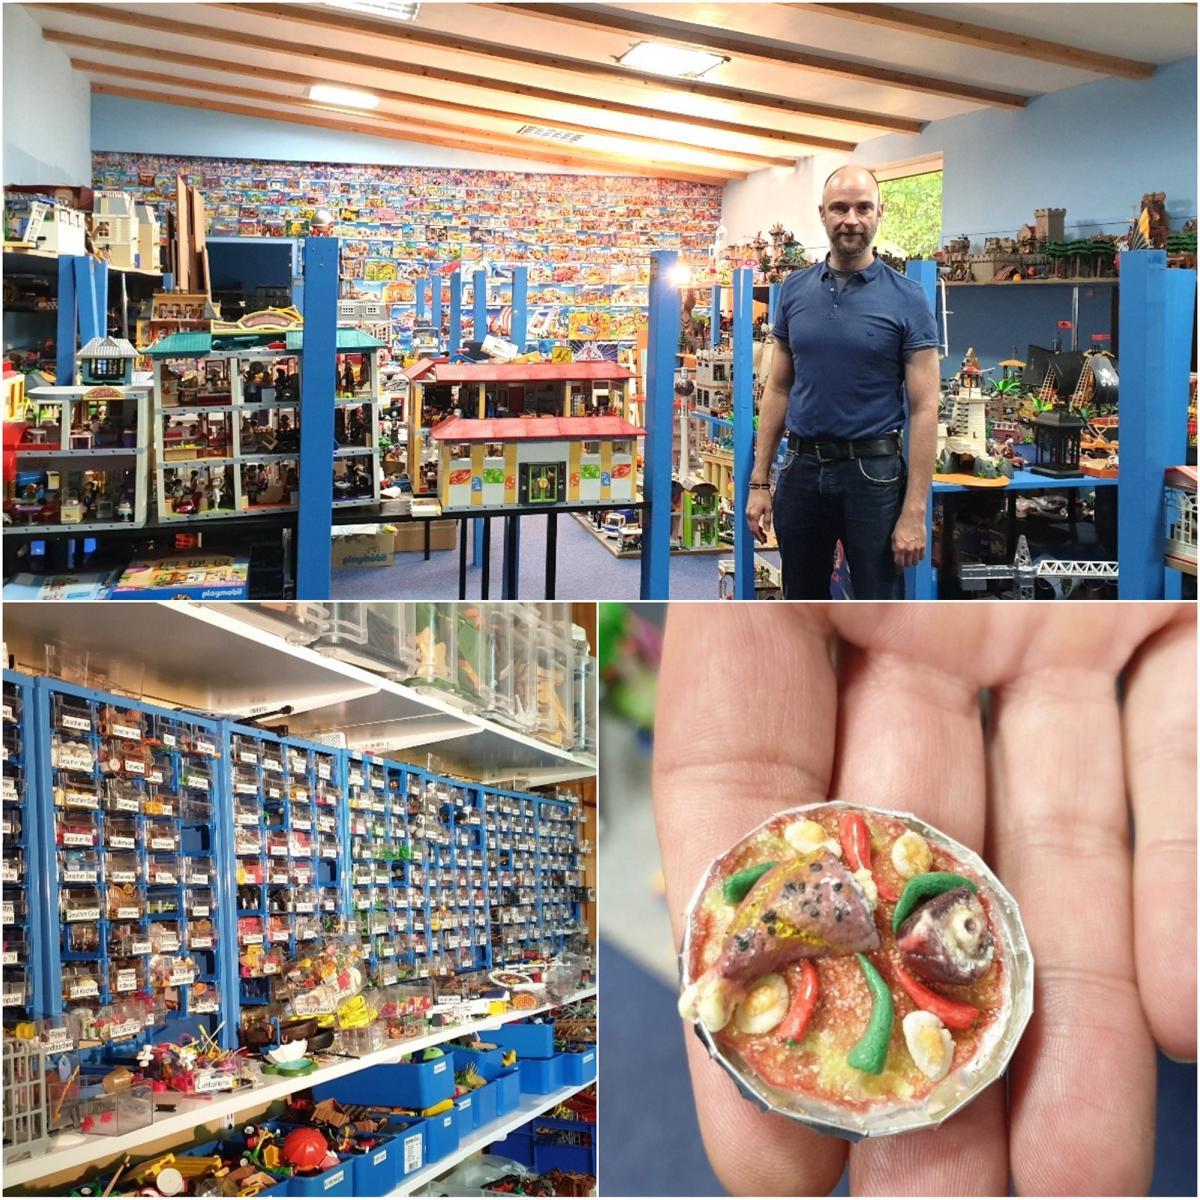 Style Hannover Packeiser Kollage3a - Robert Packeiser: Pädagoge, Künstler und ... Playmobil